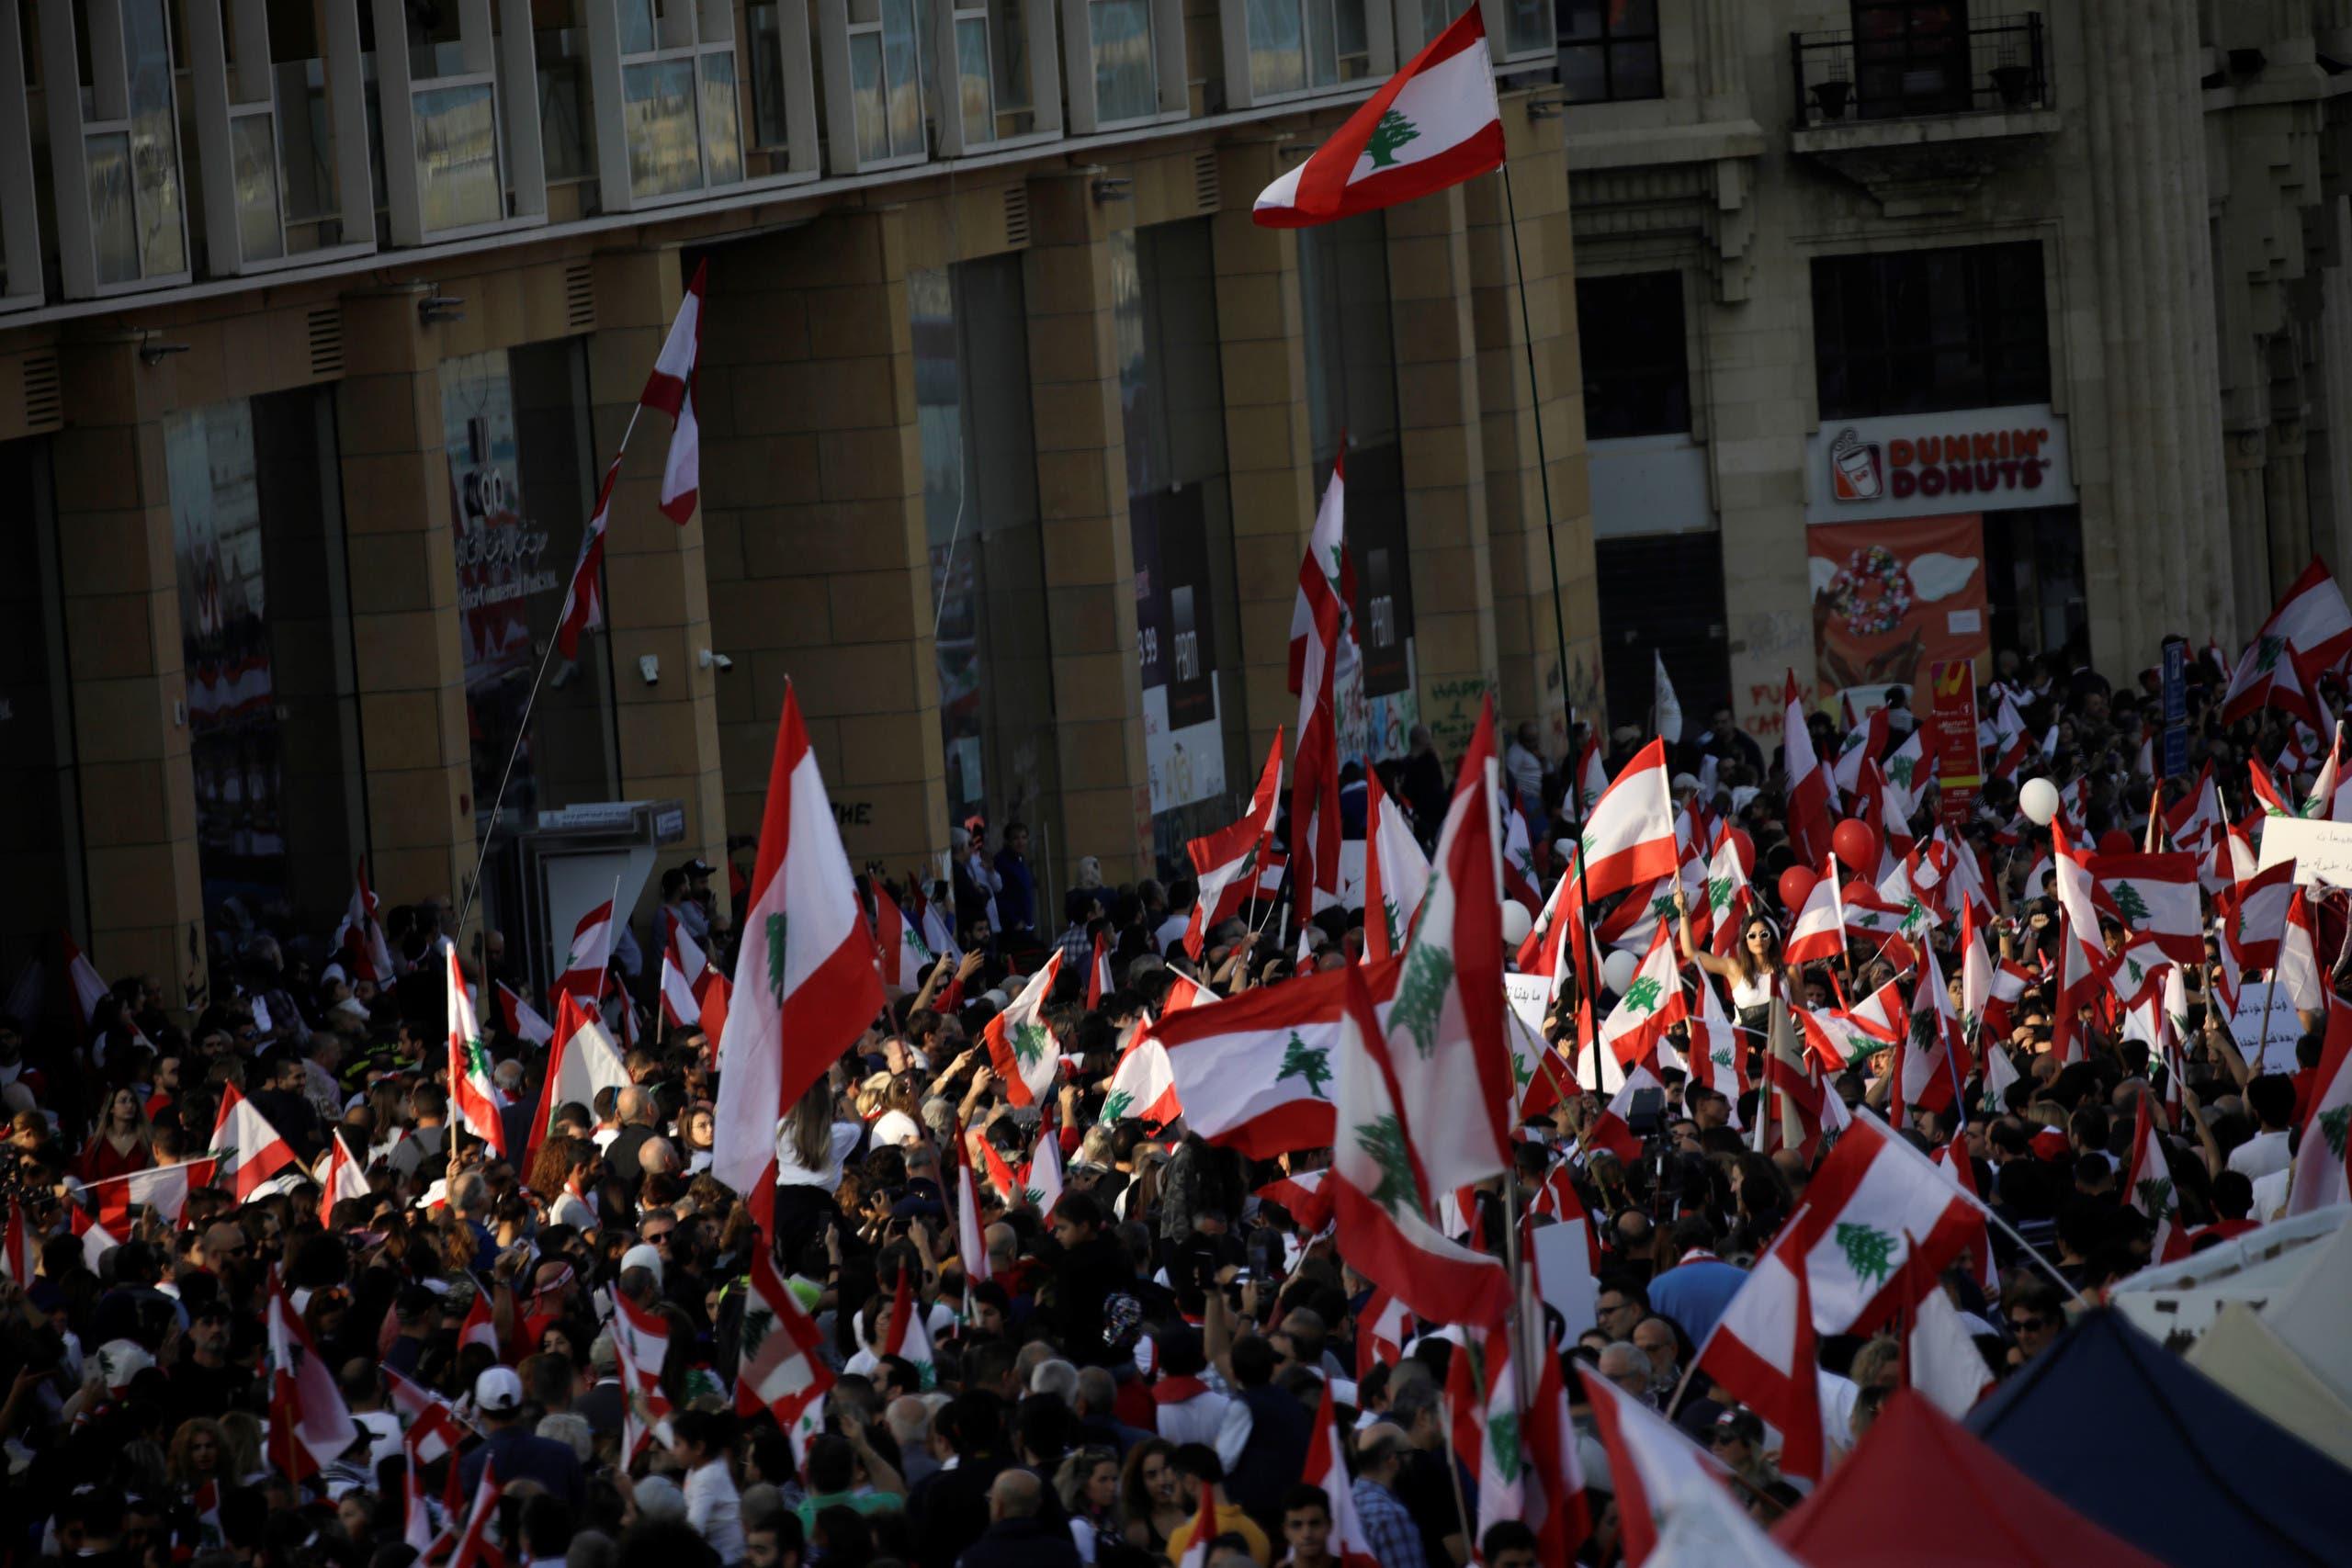 محتجون بساحة الشهداء في بيروت (أرشيفية)